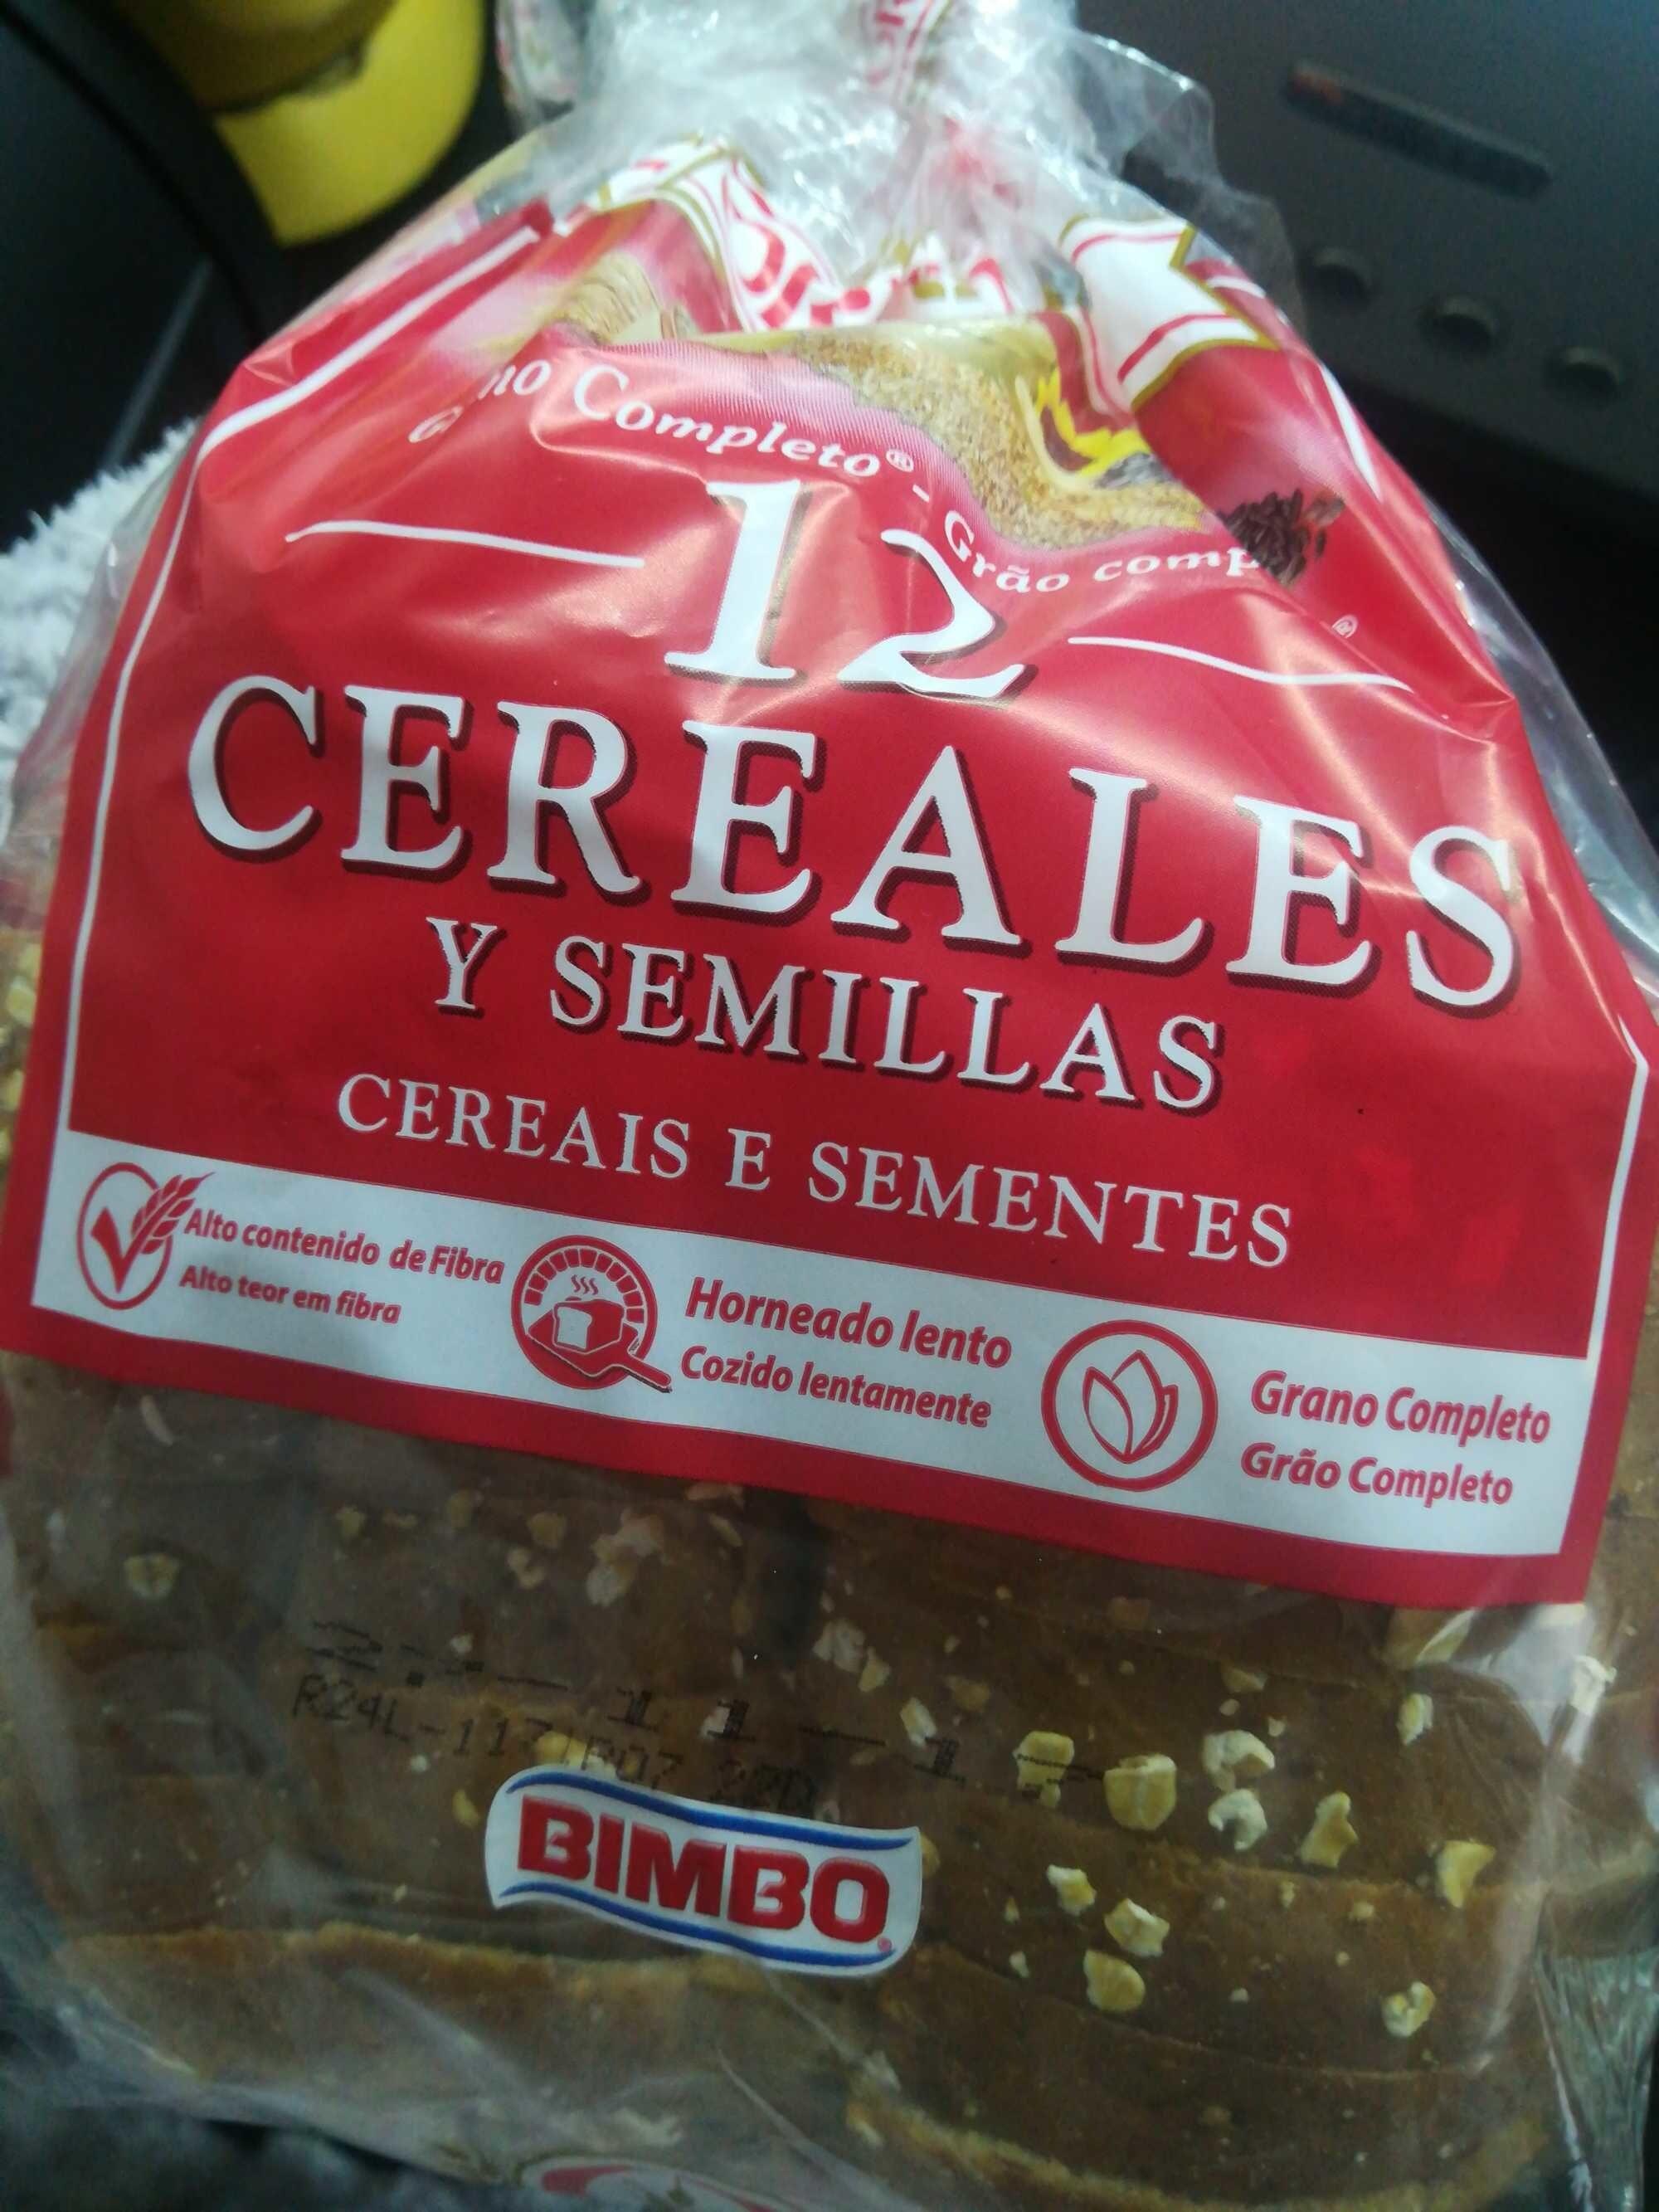 Oroweat 12 cereales y semillas - Product - es